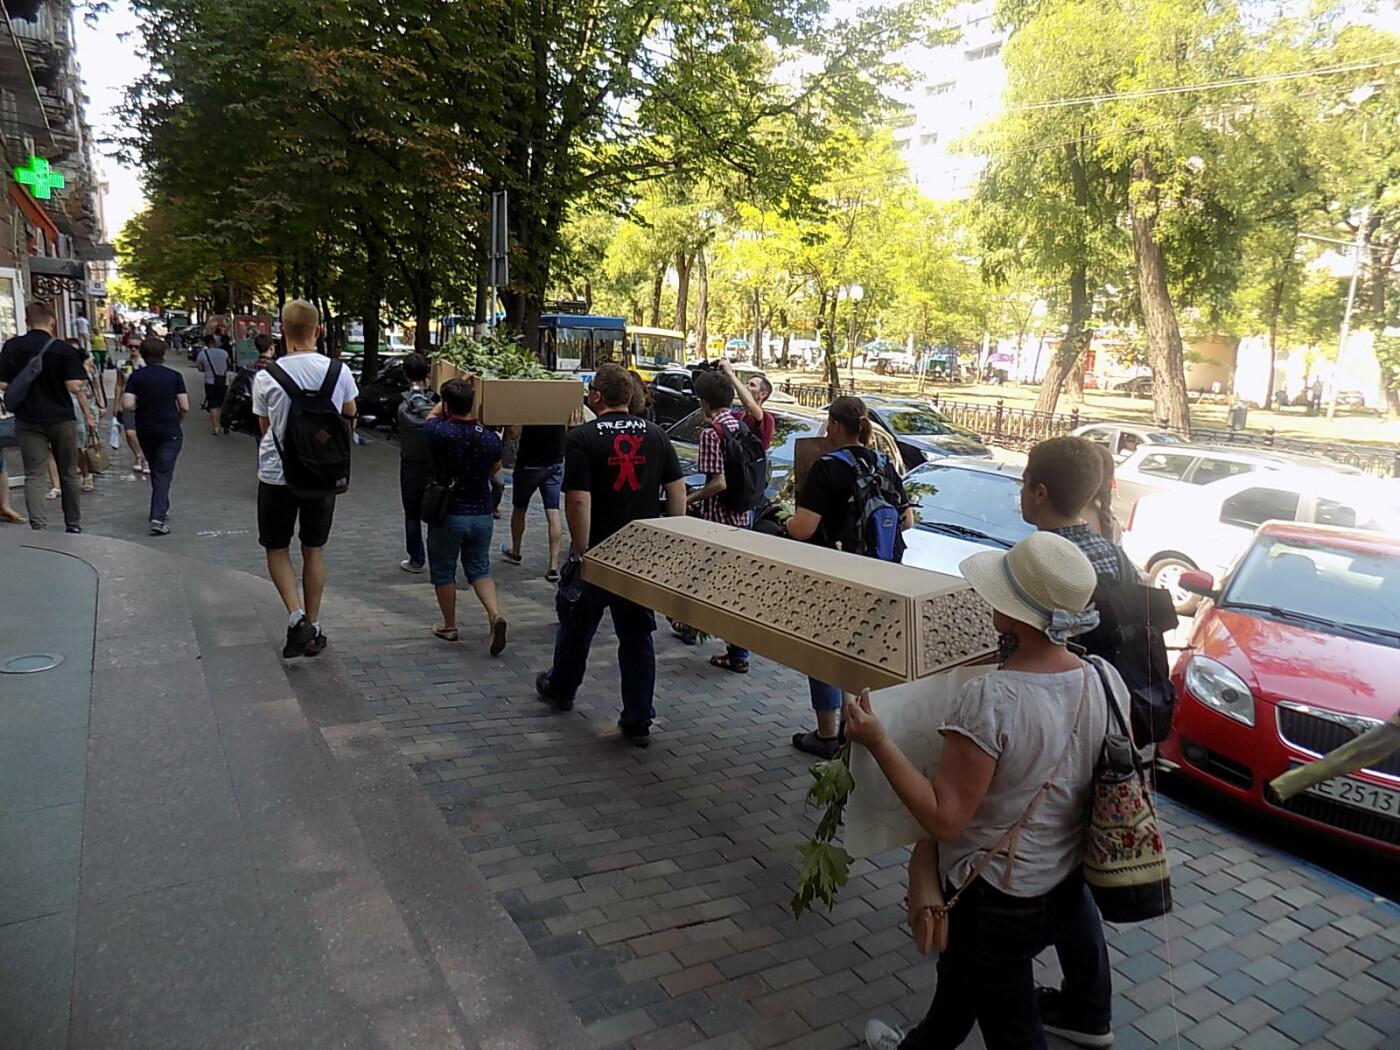 В Днепре провели «похороны» деревьев с Короленко: последние деревья срубили, пока город спал, - ФОТО, фото-15